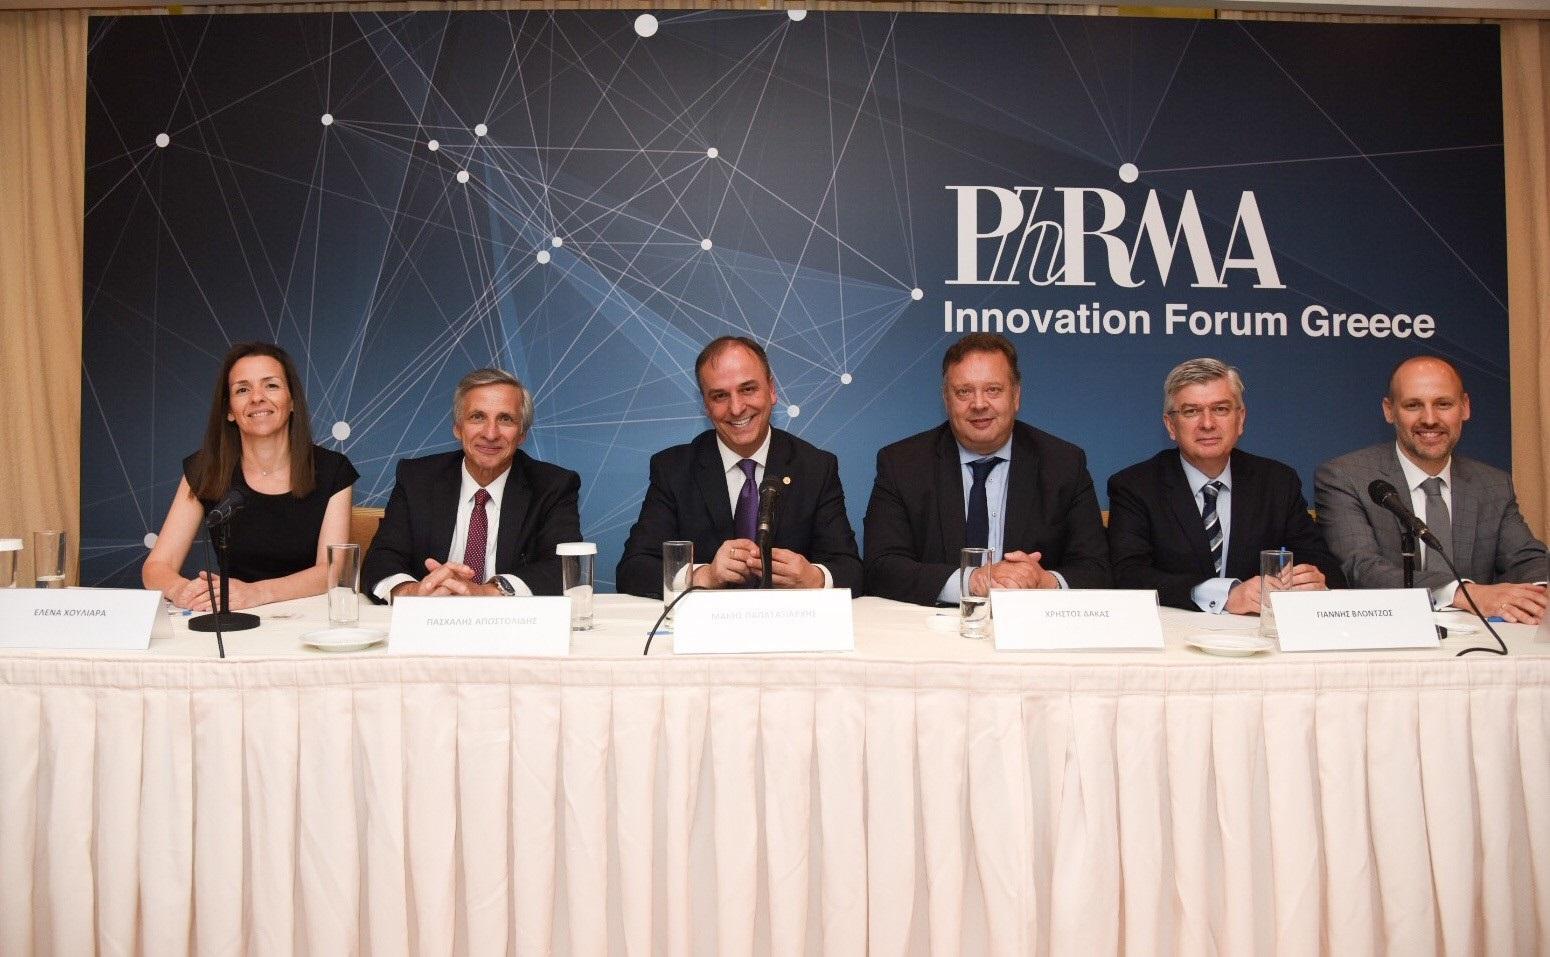 Σεθεσμικό μη κερδοσκοπικό φορέα μετεξελίσσεταιτοPhRMA Innovation Forum